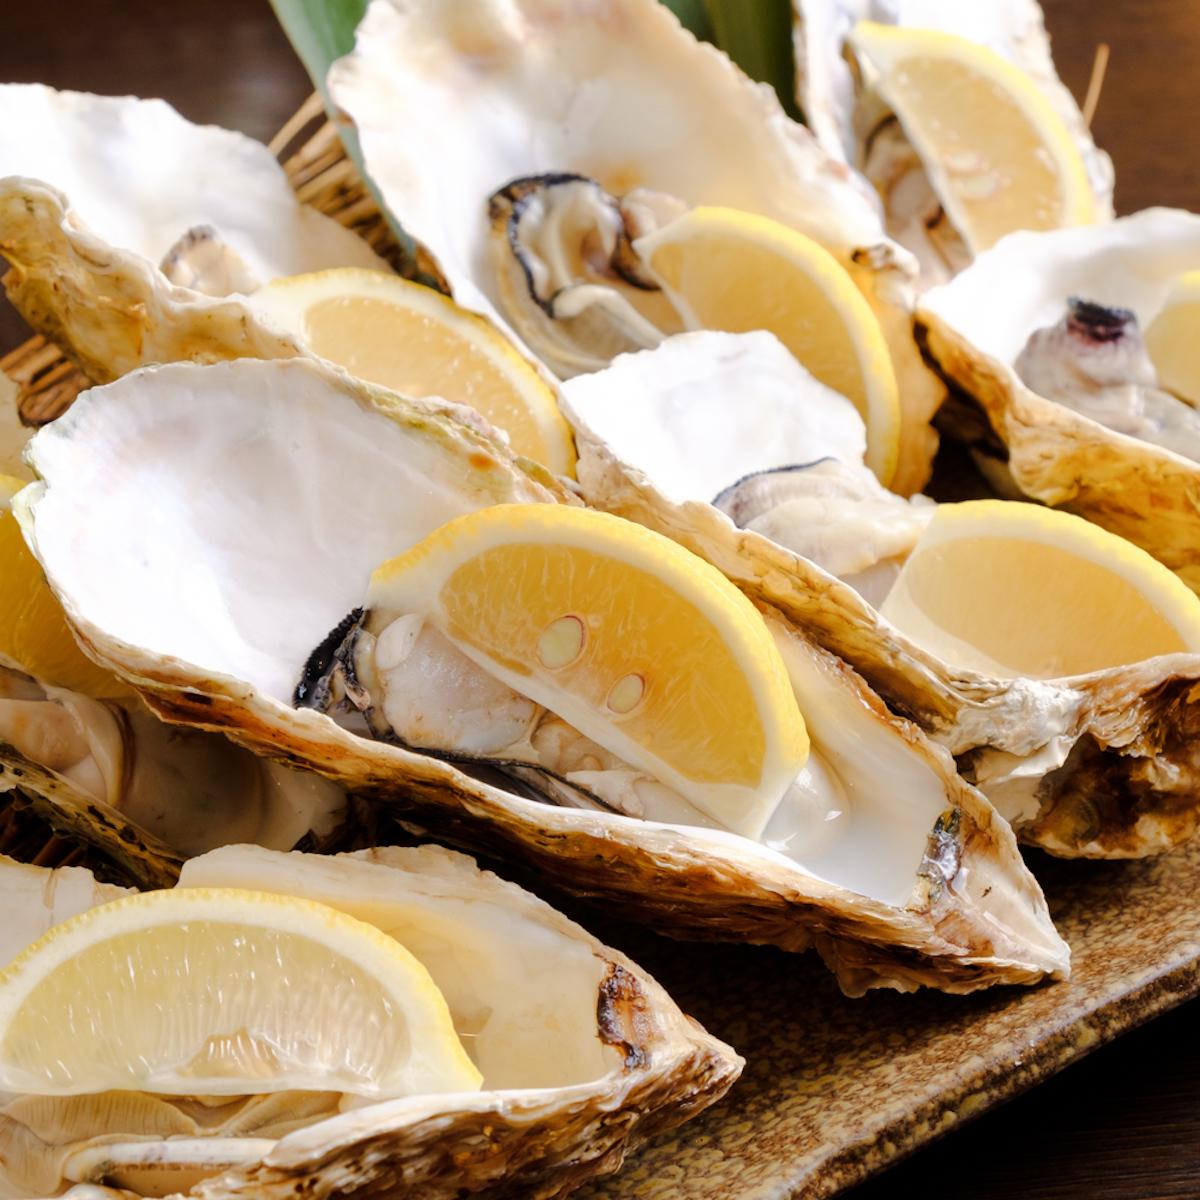 牡蠣好きのための「牡蠣尽くしコース」で牡蠣鍋!牡蠣の湯引き!お刺身!カキフライ! gourmet181214-oyster-5